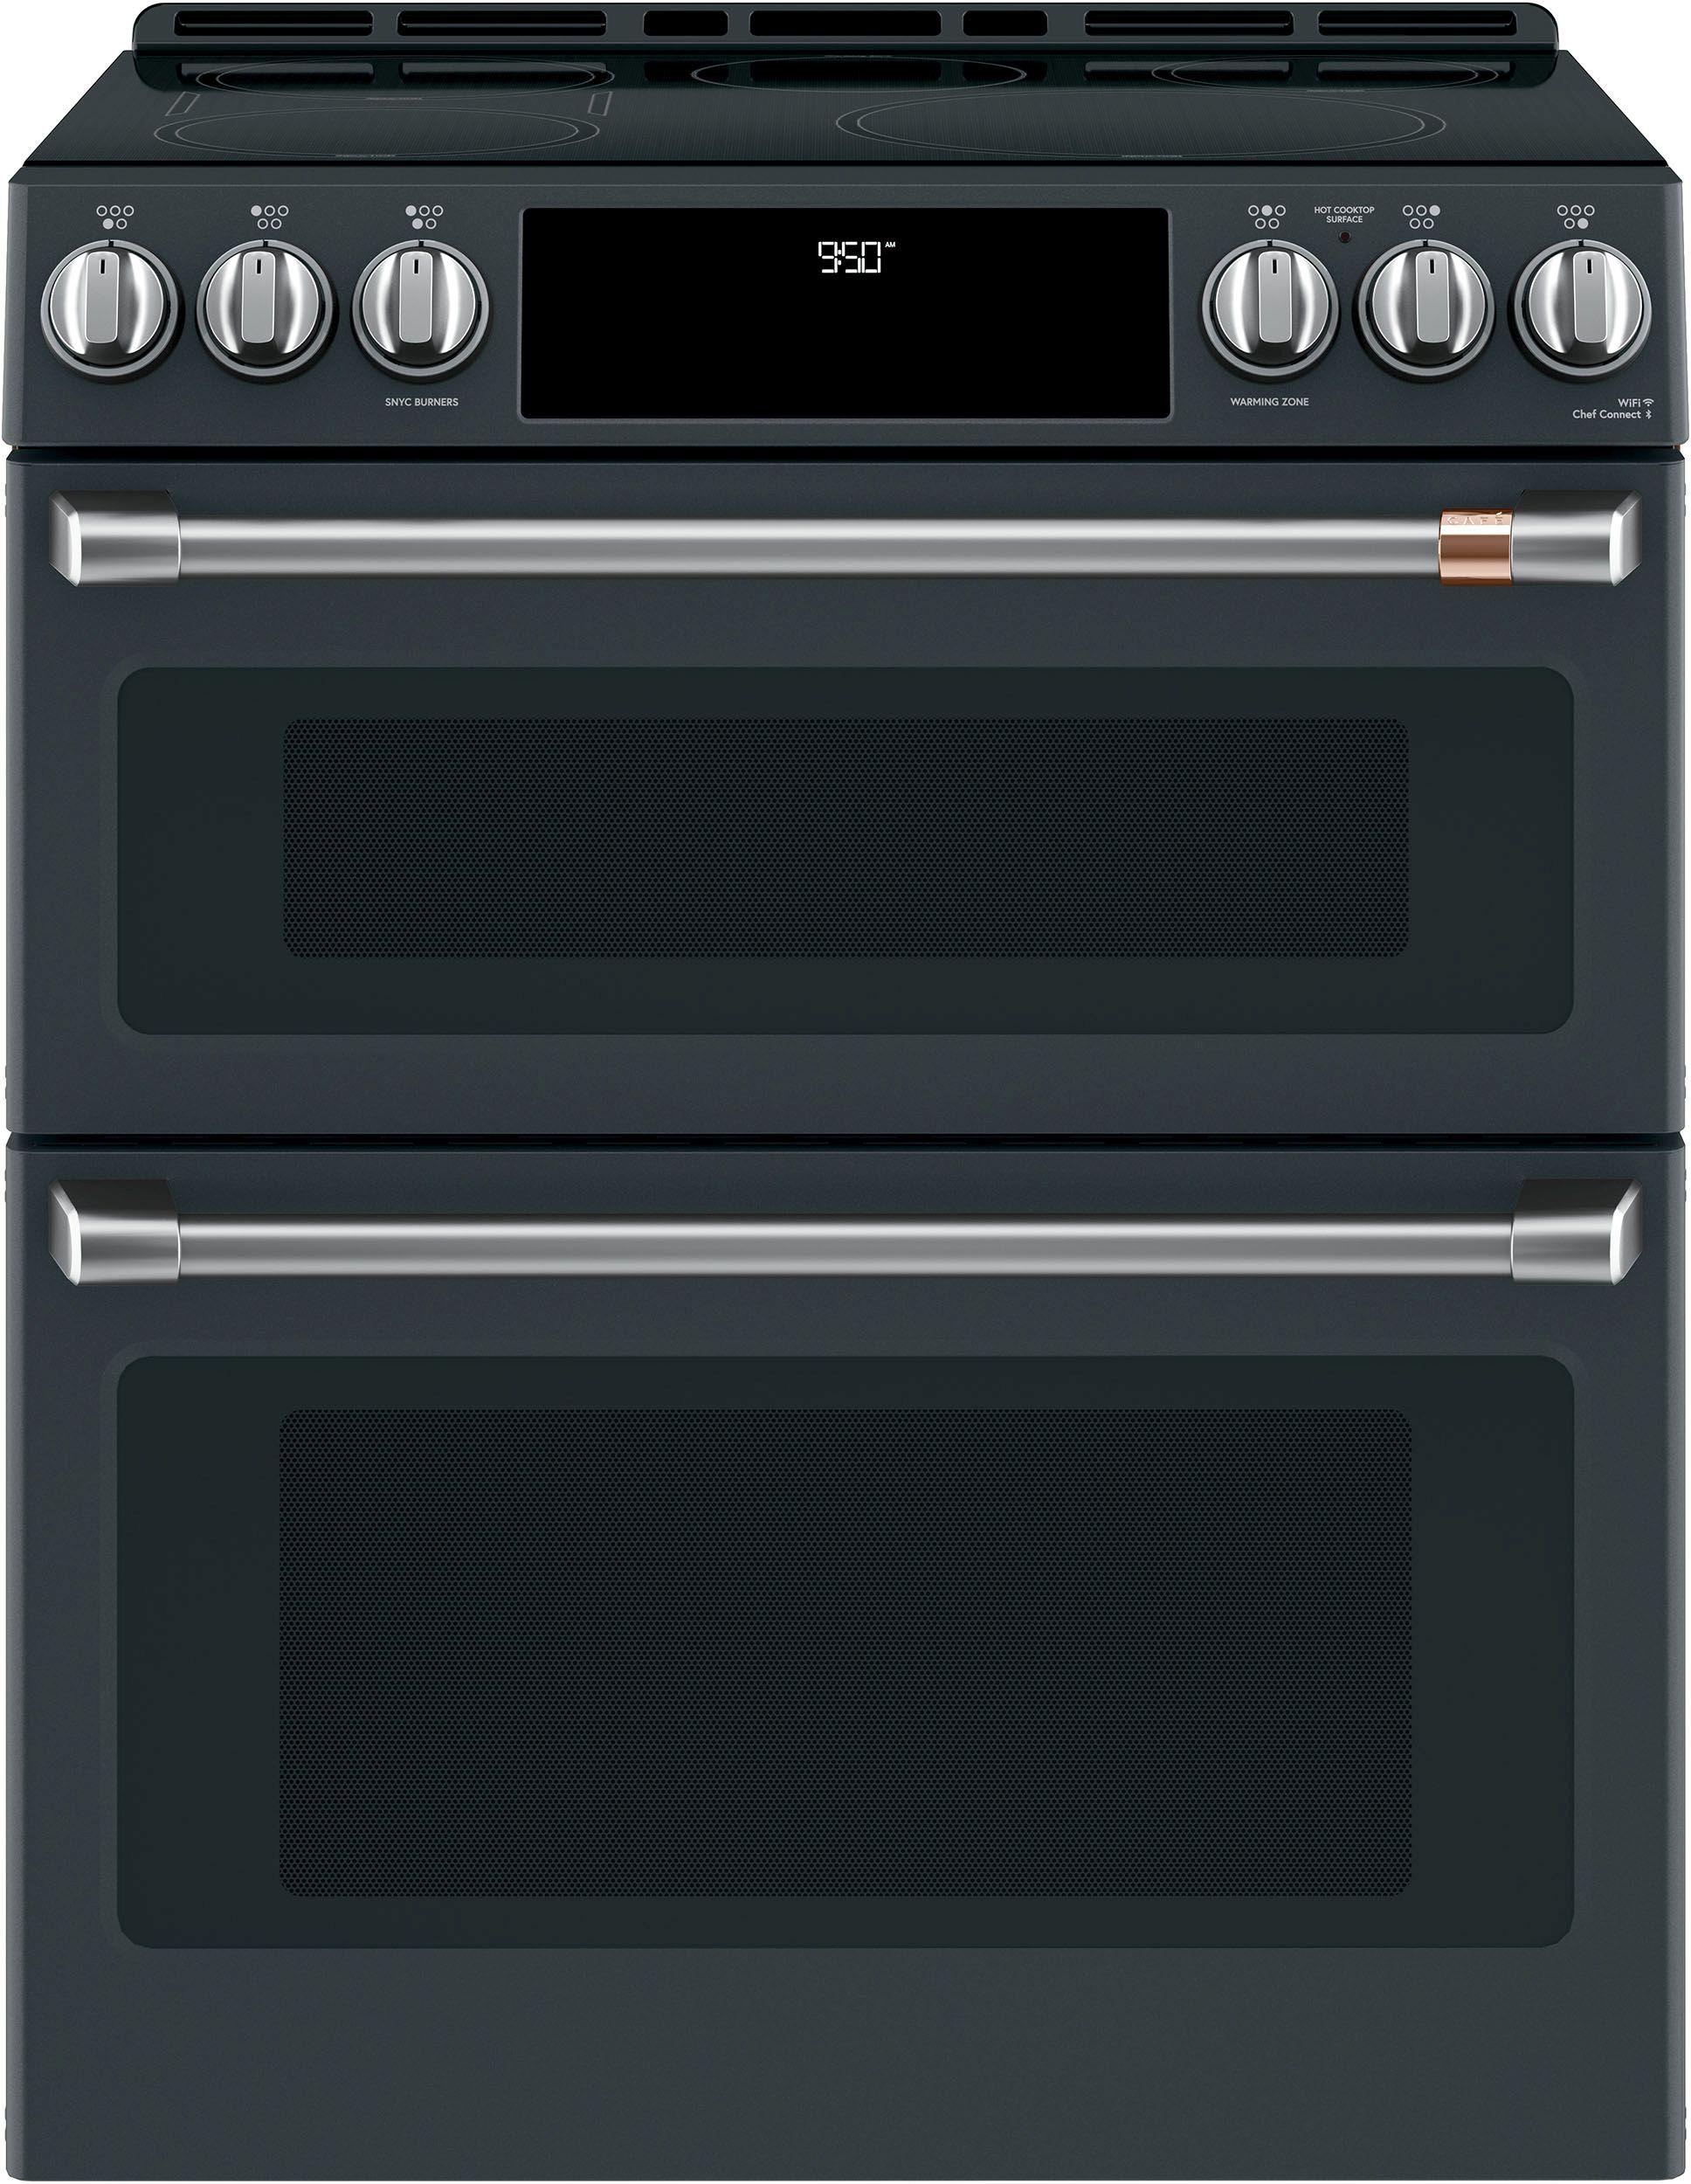 caf 30 slide in double oven electric range matte black chs950p3md1 kitchen appliances. Black Bedroom Furniture Sets. Home Design Ideas